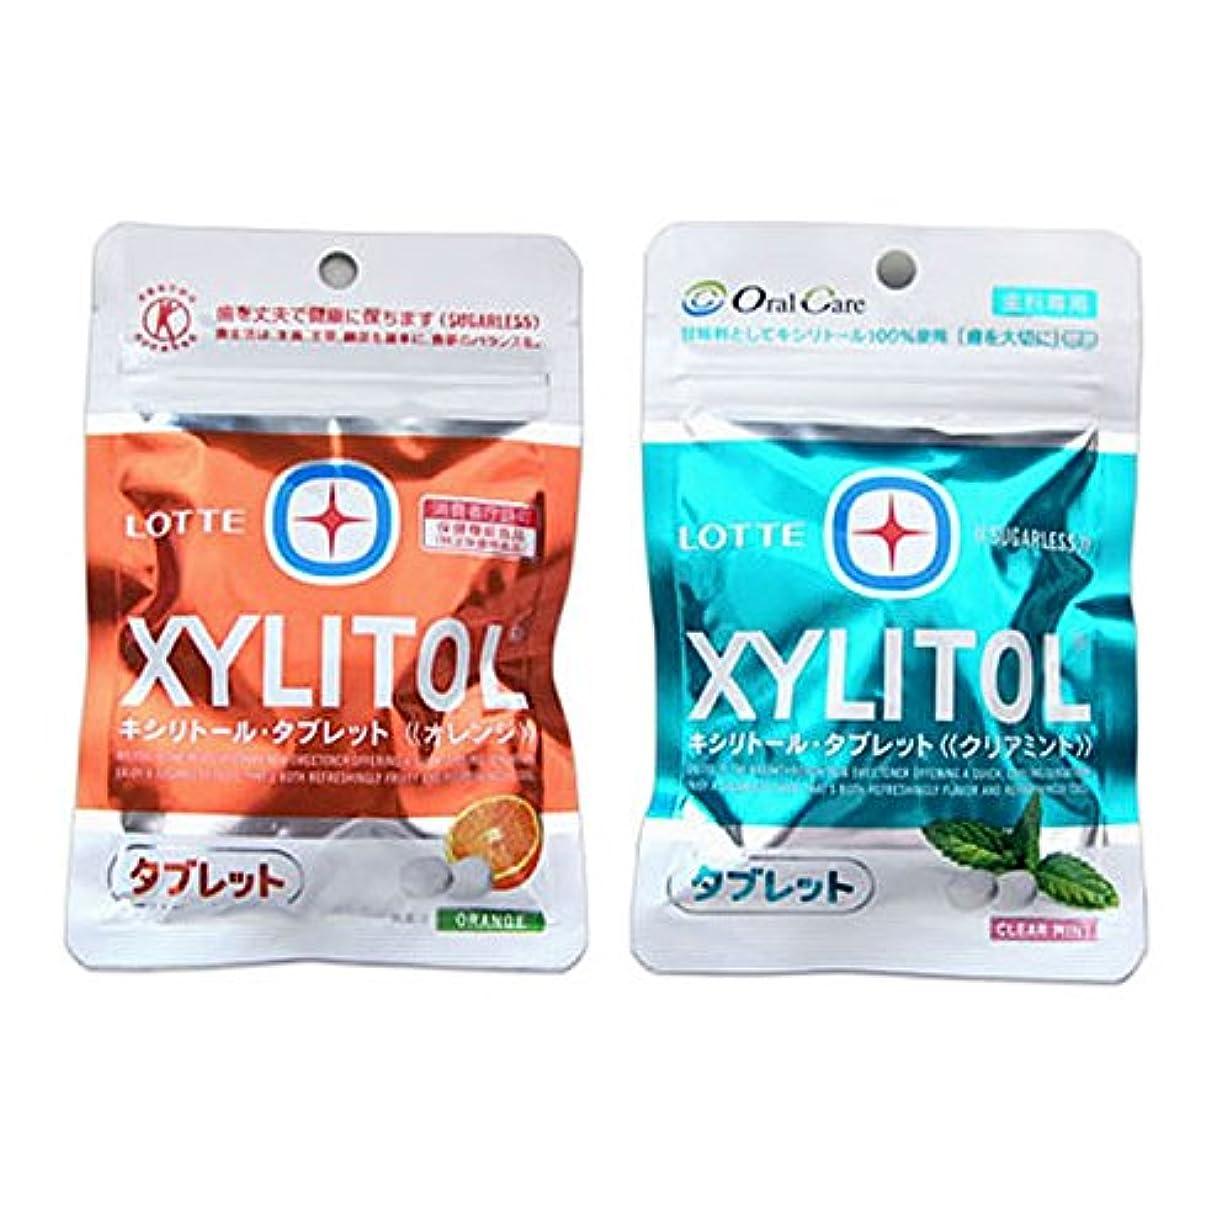 海藻護衛フォアマンキシリトールタブレット(ラミチャック) キシリトール タブレット ラミチャック 3袋 場 クリアミント1袋+オレンジ2袋 -